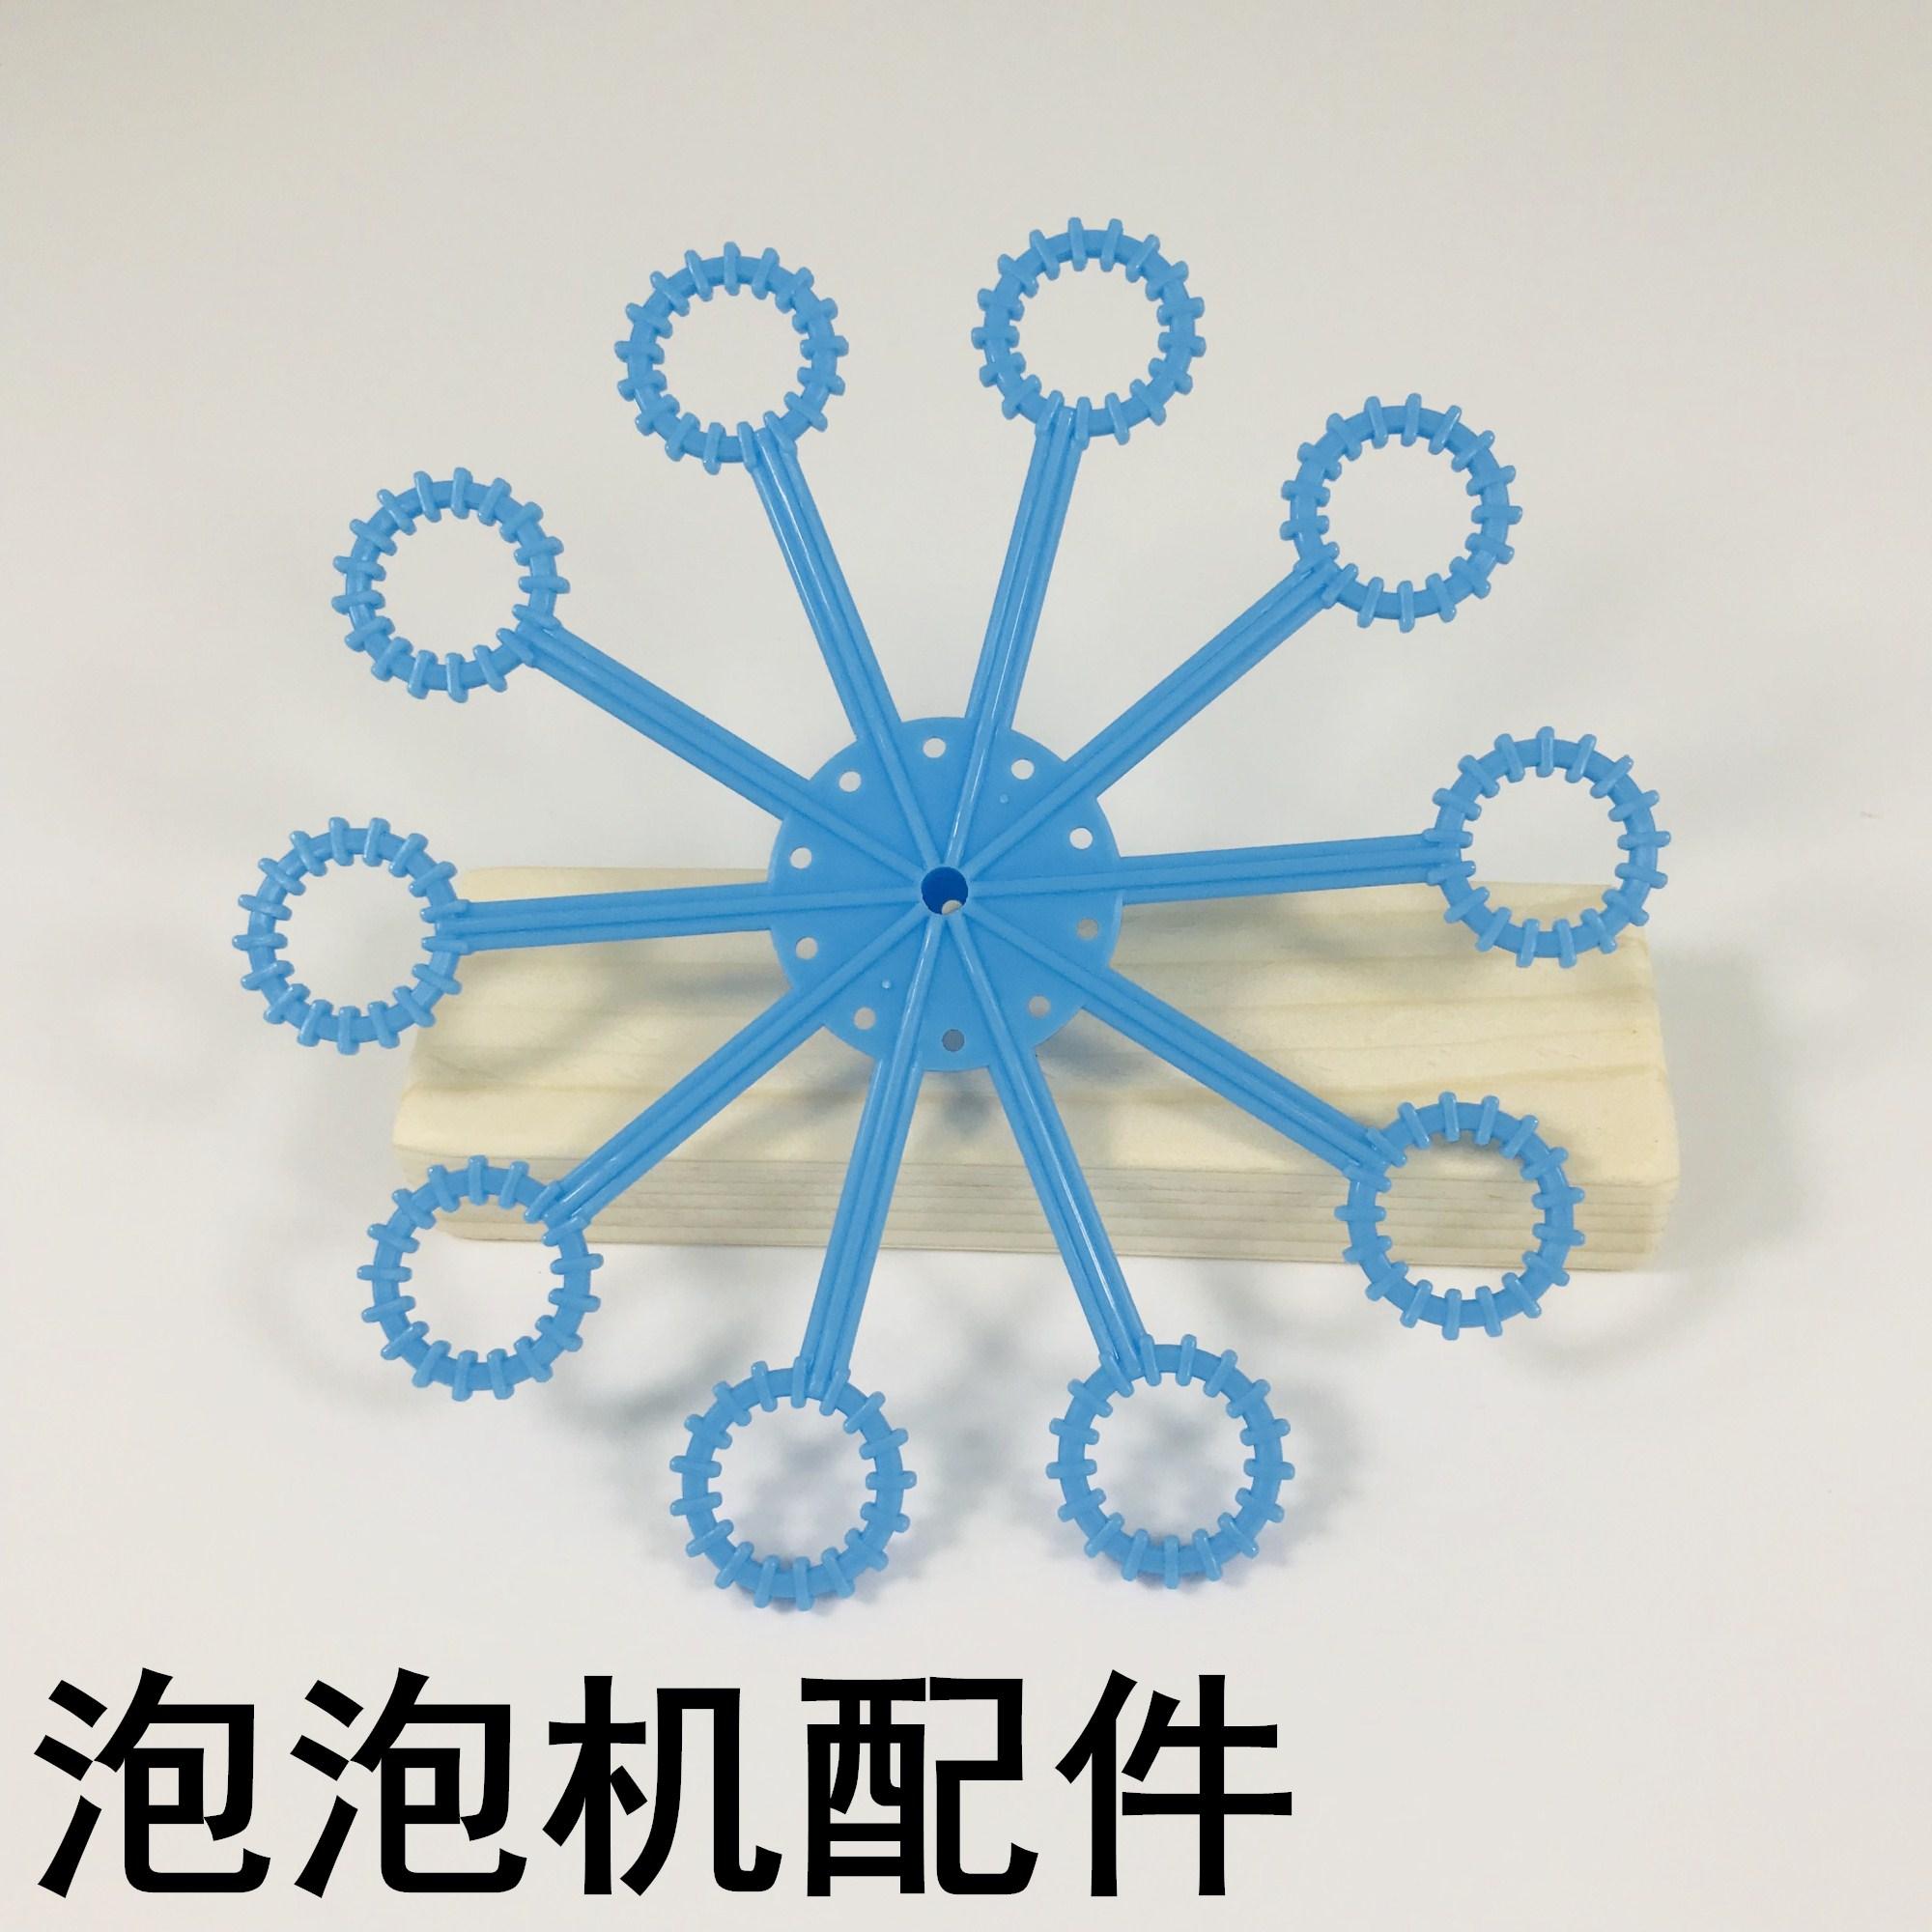 科技小制作diy泡泡机转轮叶轮转盘吹泡泡机配件手工模型杆棍转叶